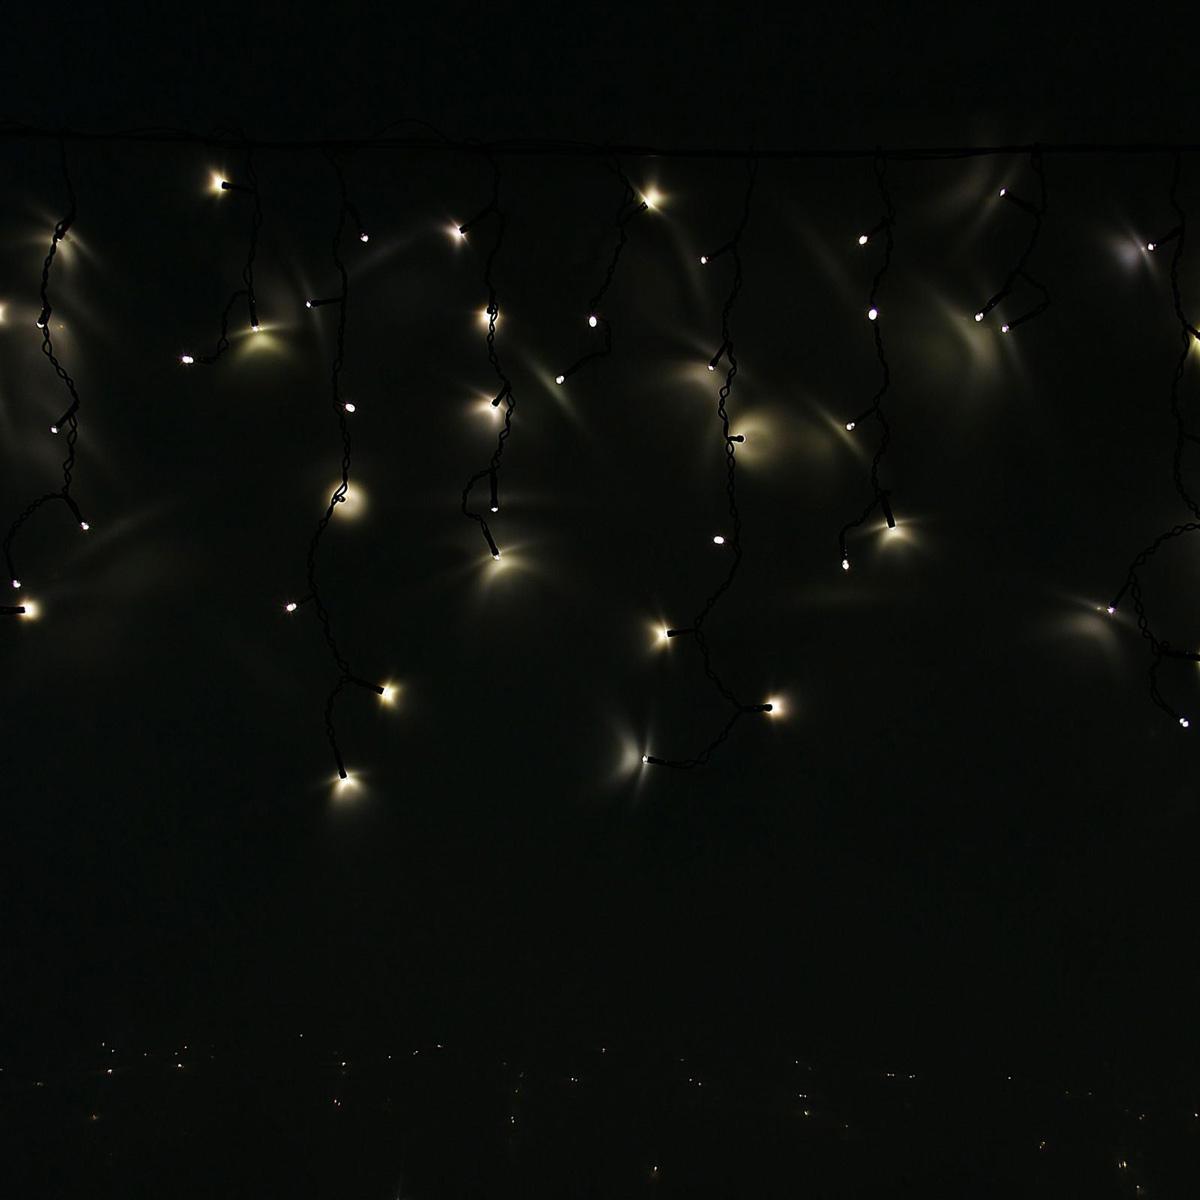 Светодиодные гирлянды, ленты и т.д - это отличный вариант для новогоднего оформления интерьера или фасада. С их помощью помещение любого размера можно превратить в праздничный зал, а внешние элементы зданий, украшенные ими, мгновенно станут напоминать очертания сказочного дворца. Такие украшения создают ауру предвкушения чуда. Деревья, фасады, витрины, окна и арки будто специально созданы, чтобы вы украсили их светящимися нитями.